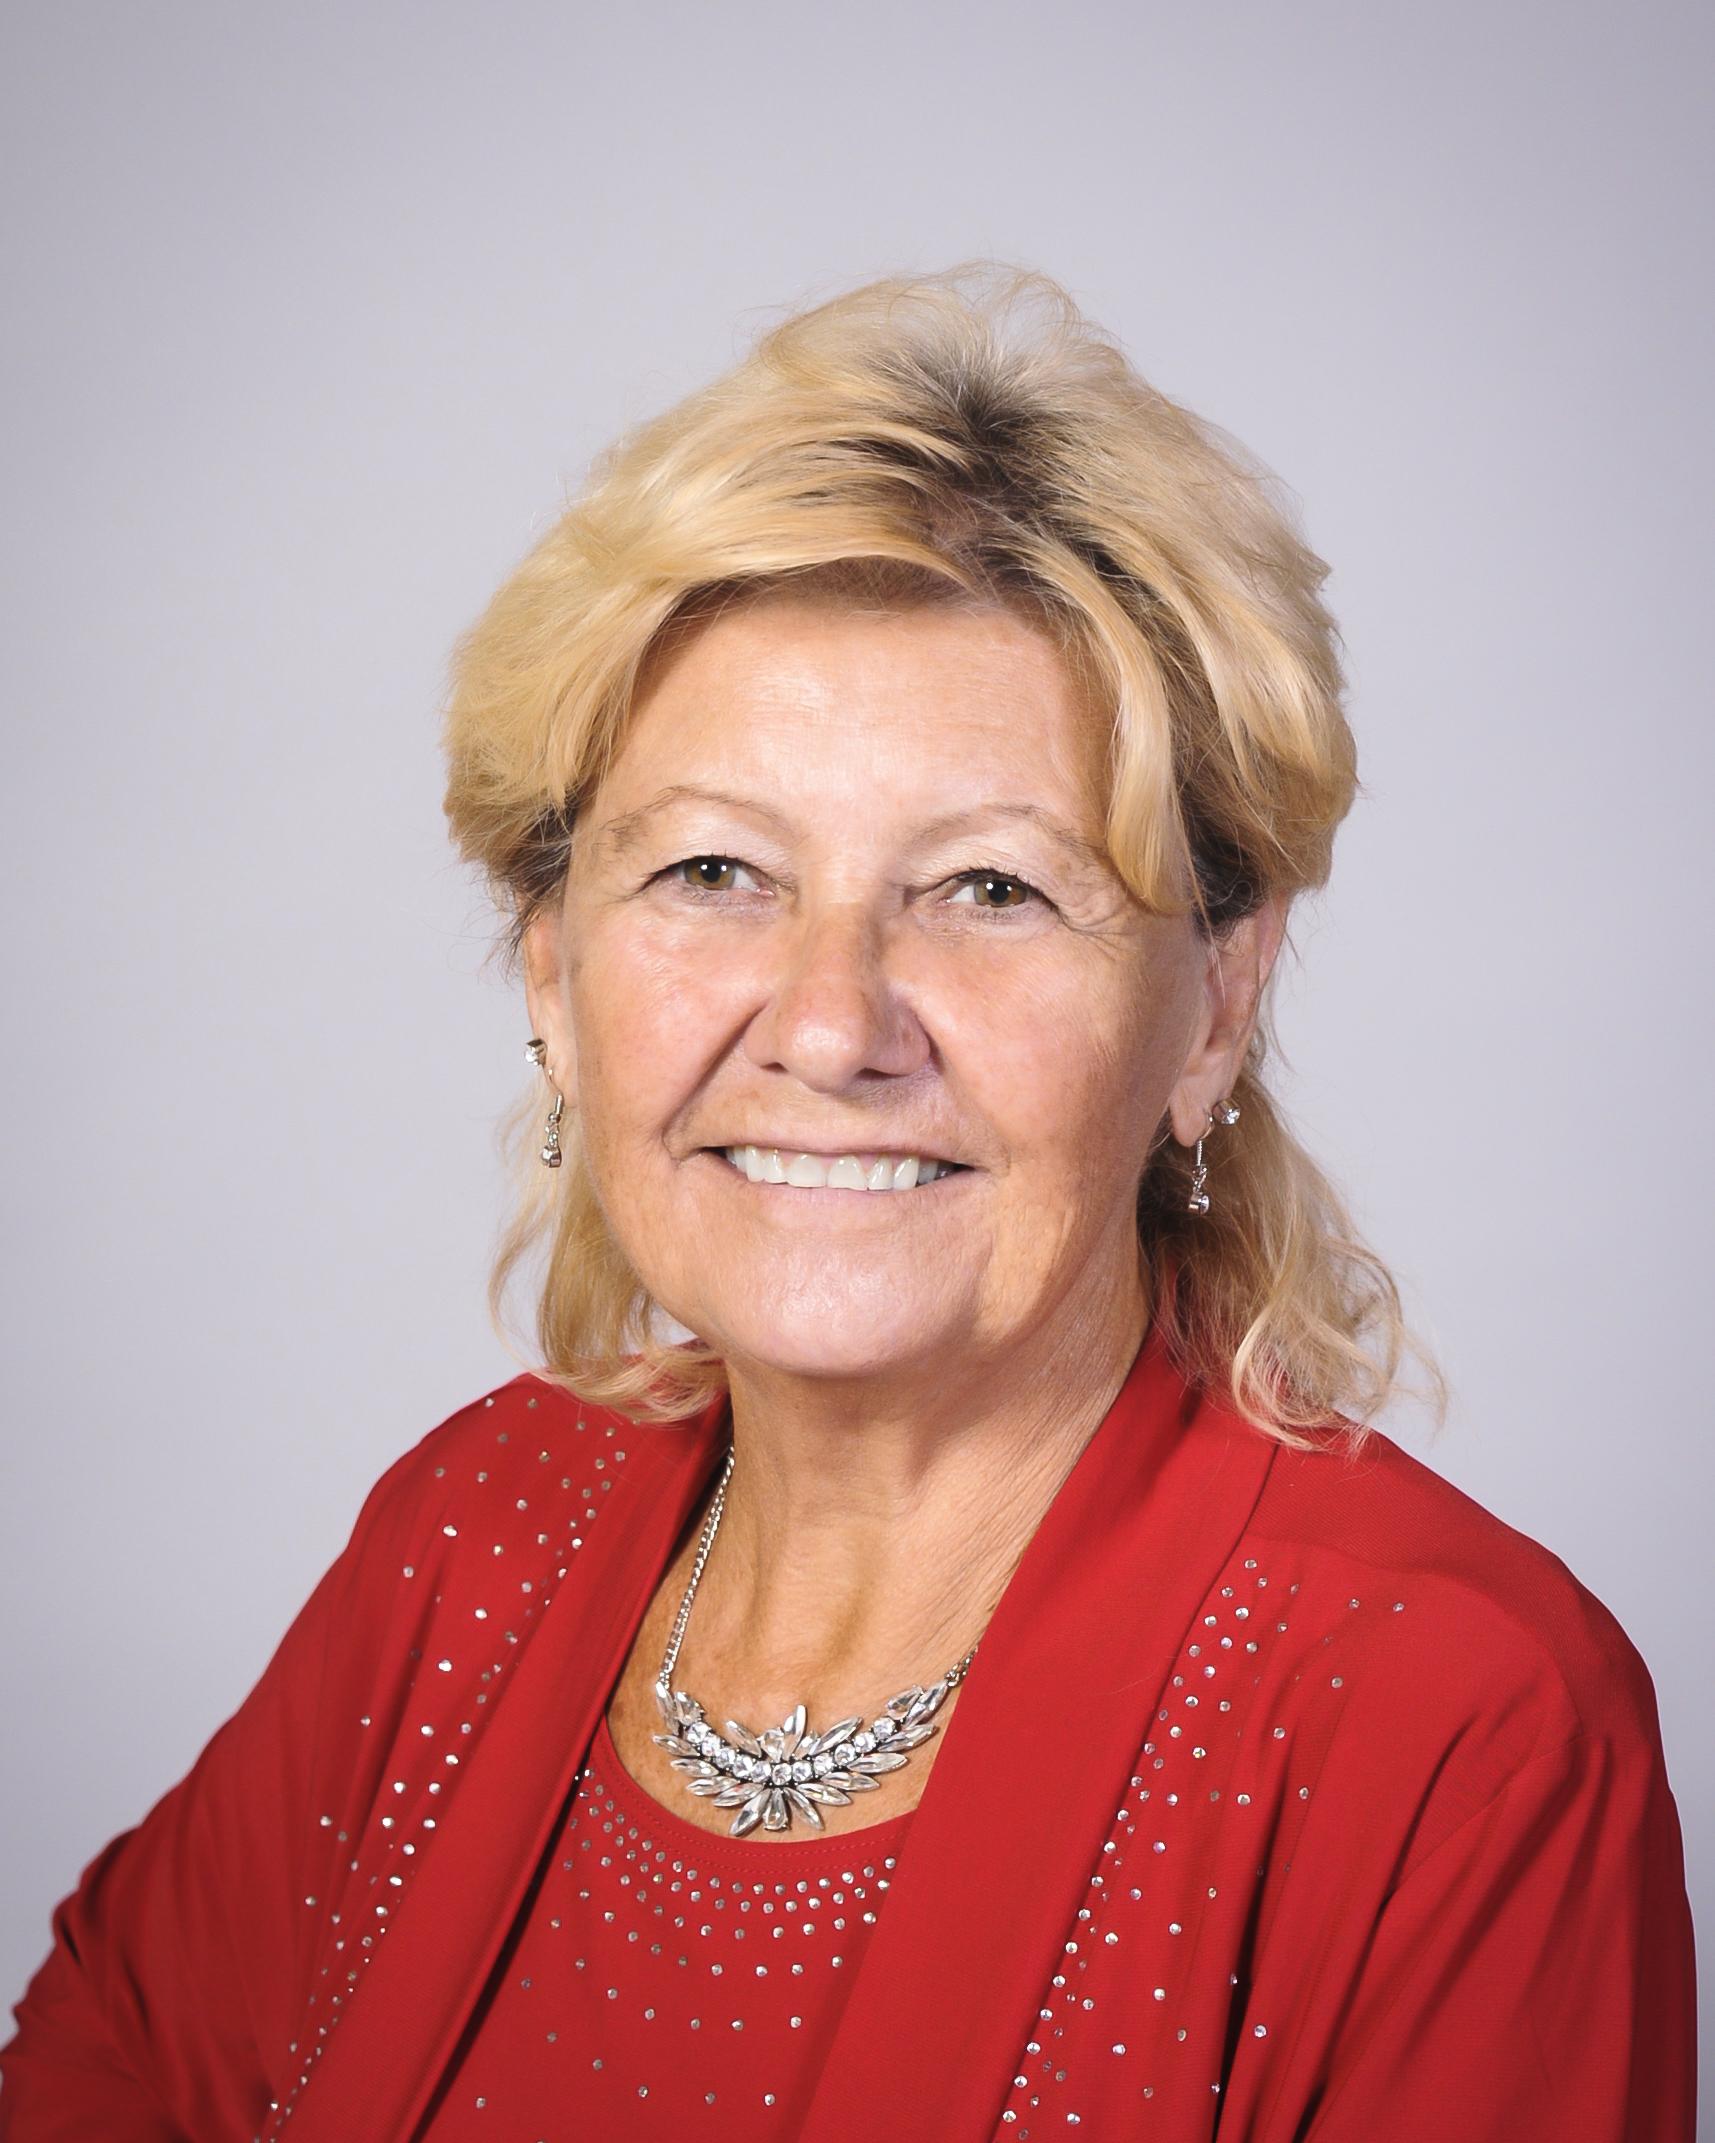 Joyce Herndon